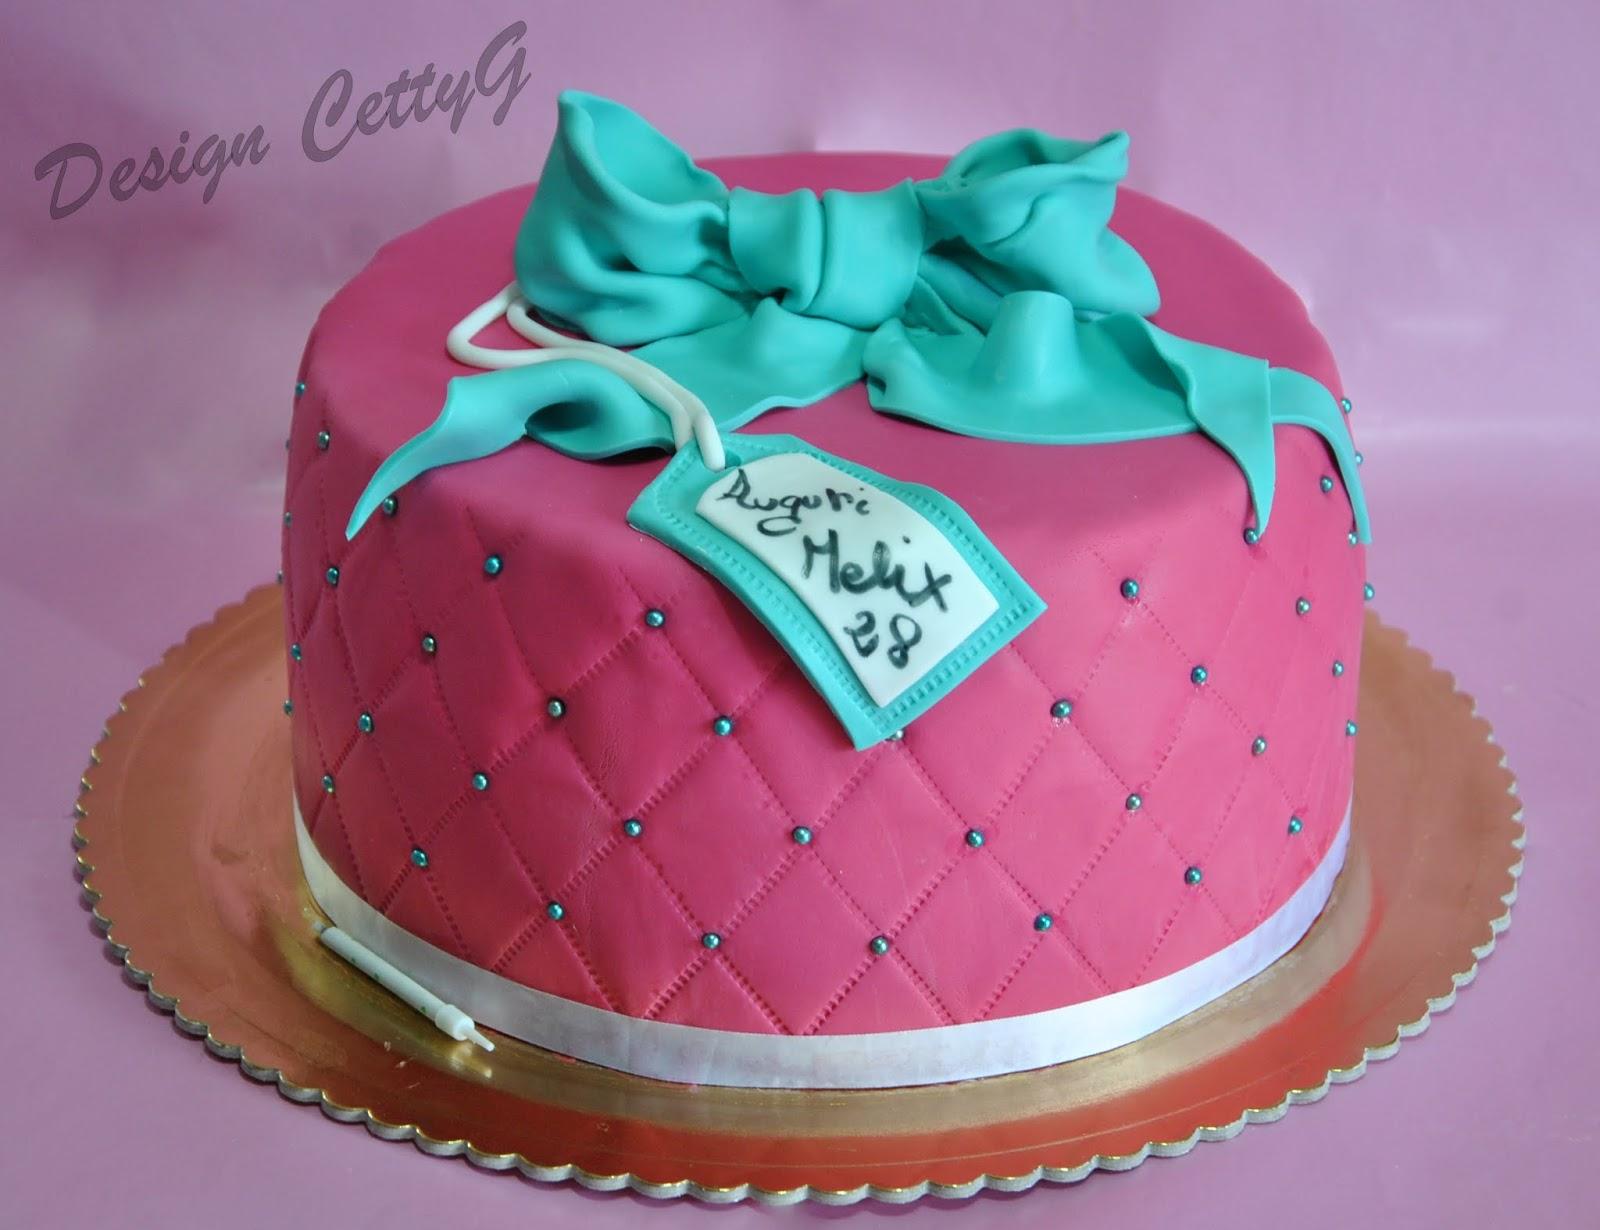 Negozio Per Cake Design Torino : Le torte decorate di CettyG...